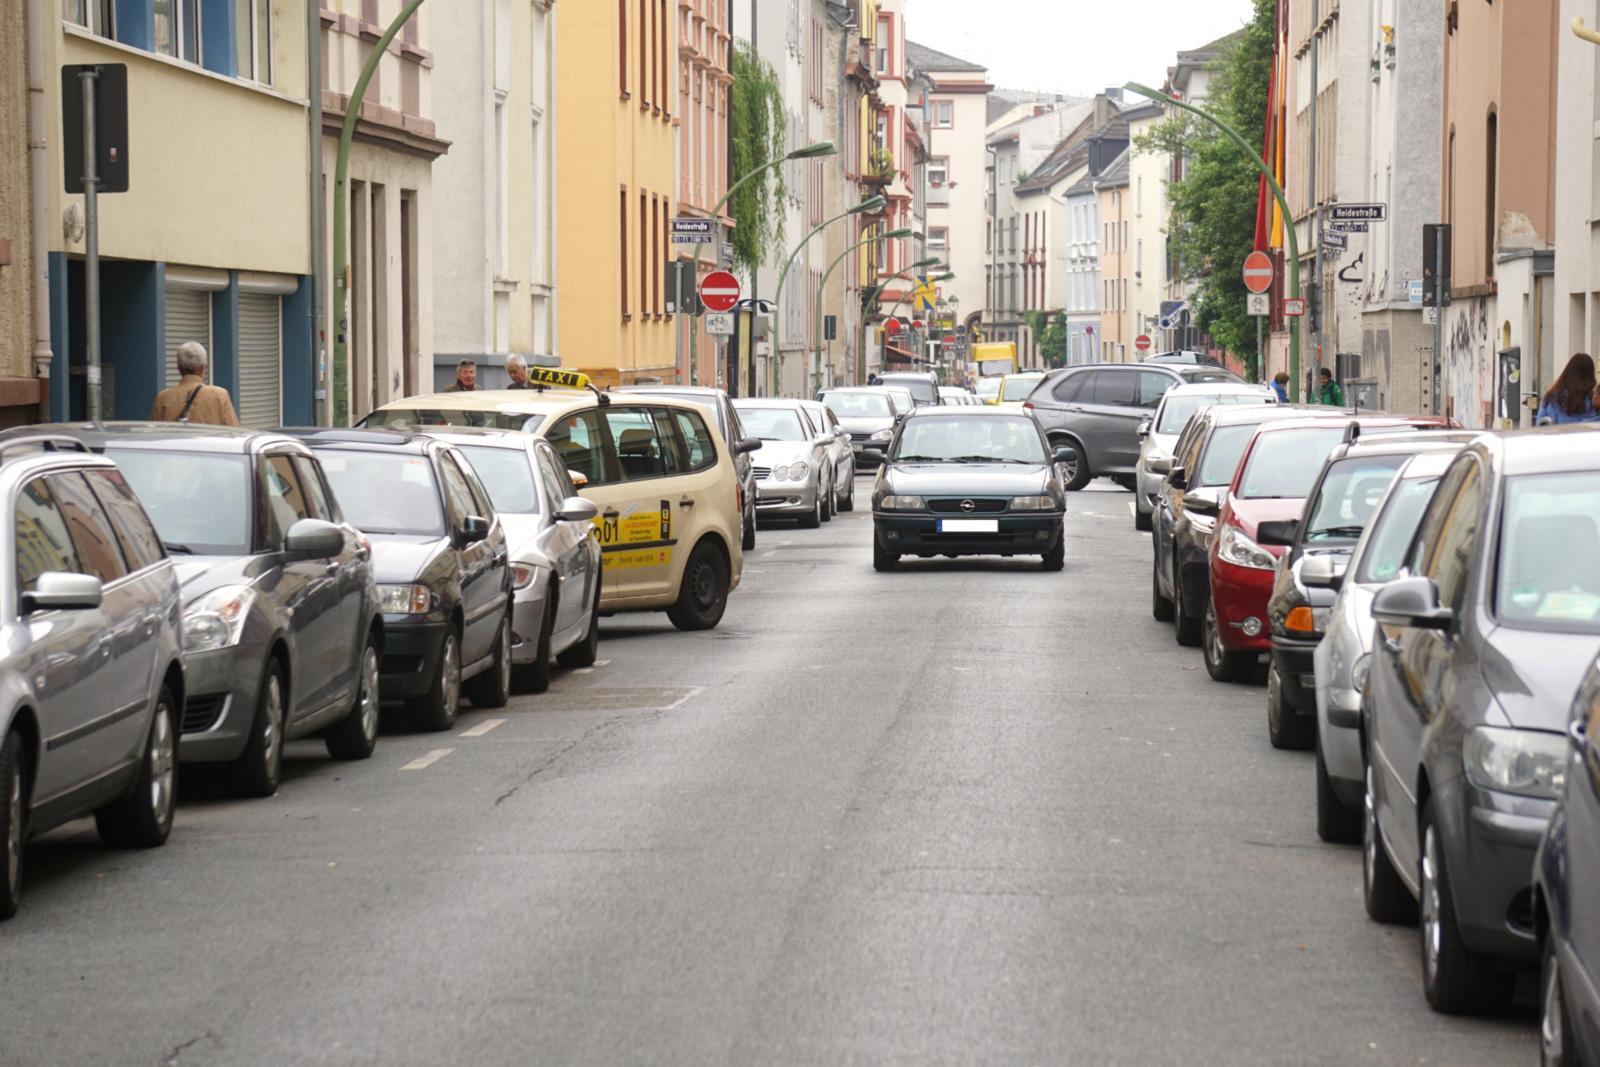 Straßen für Autos, nicht für Menschen: So sieht es in den meisten Innenstädten heute aus